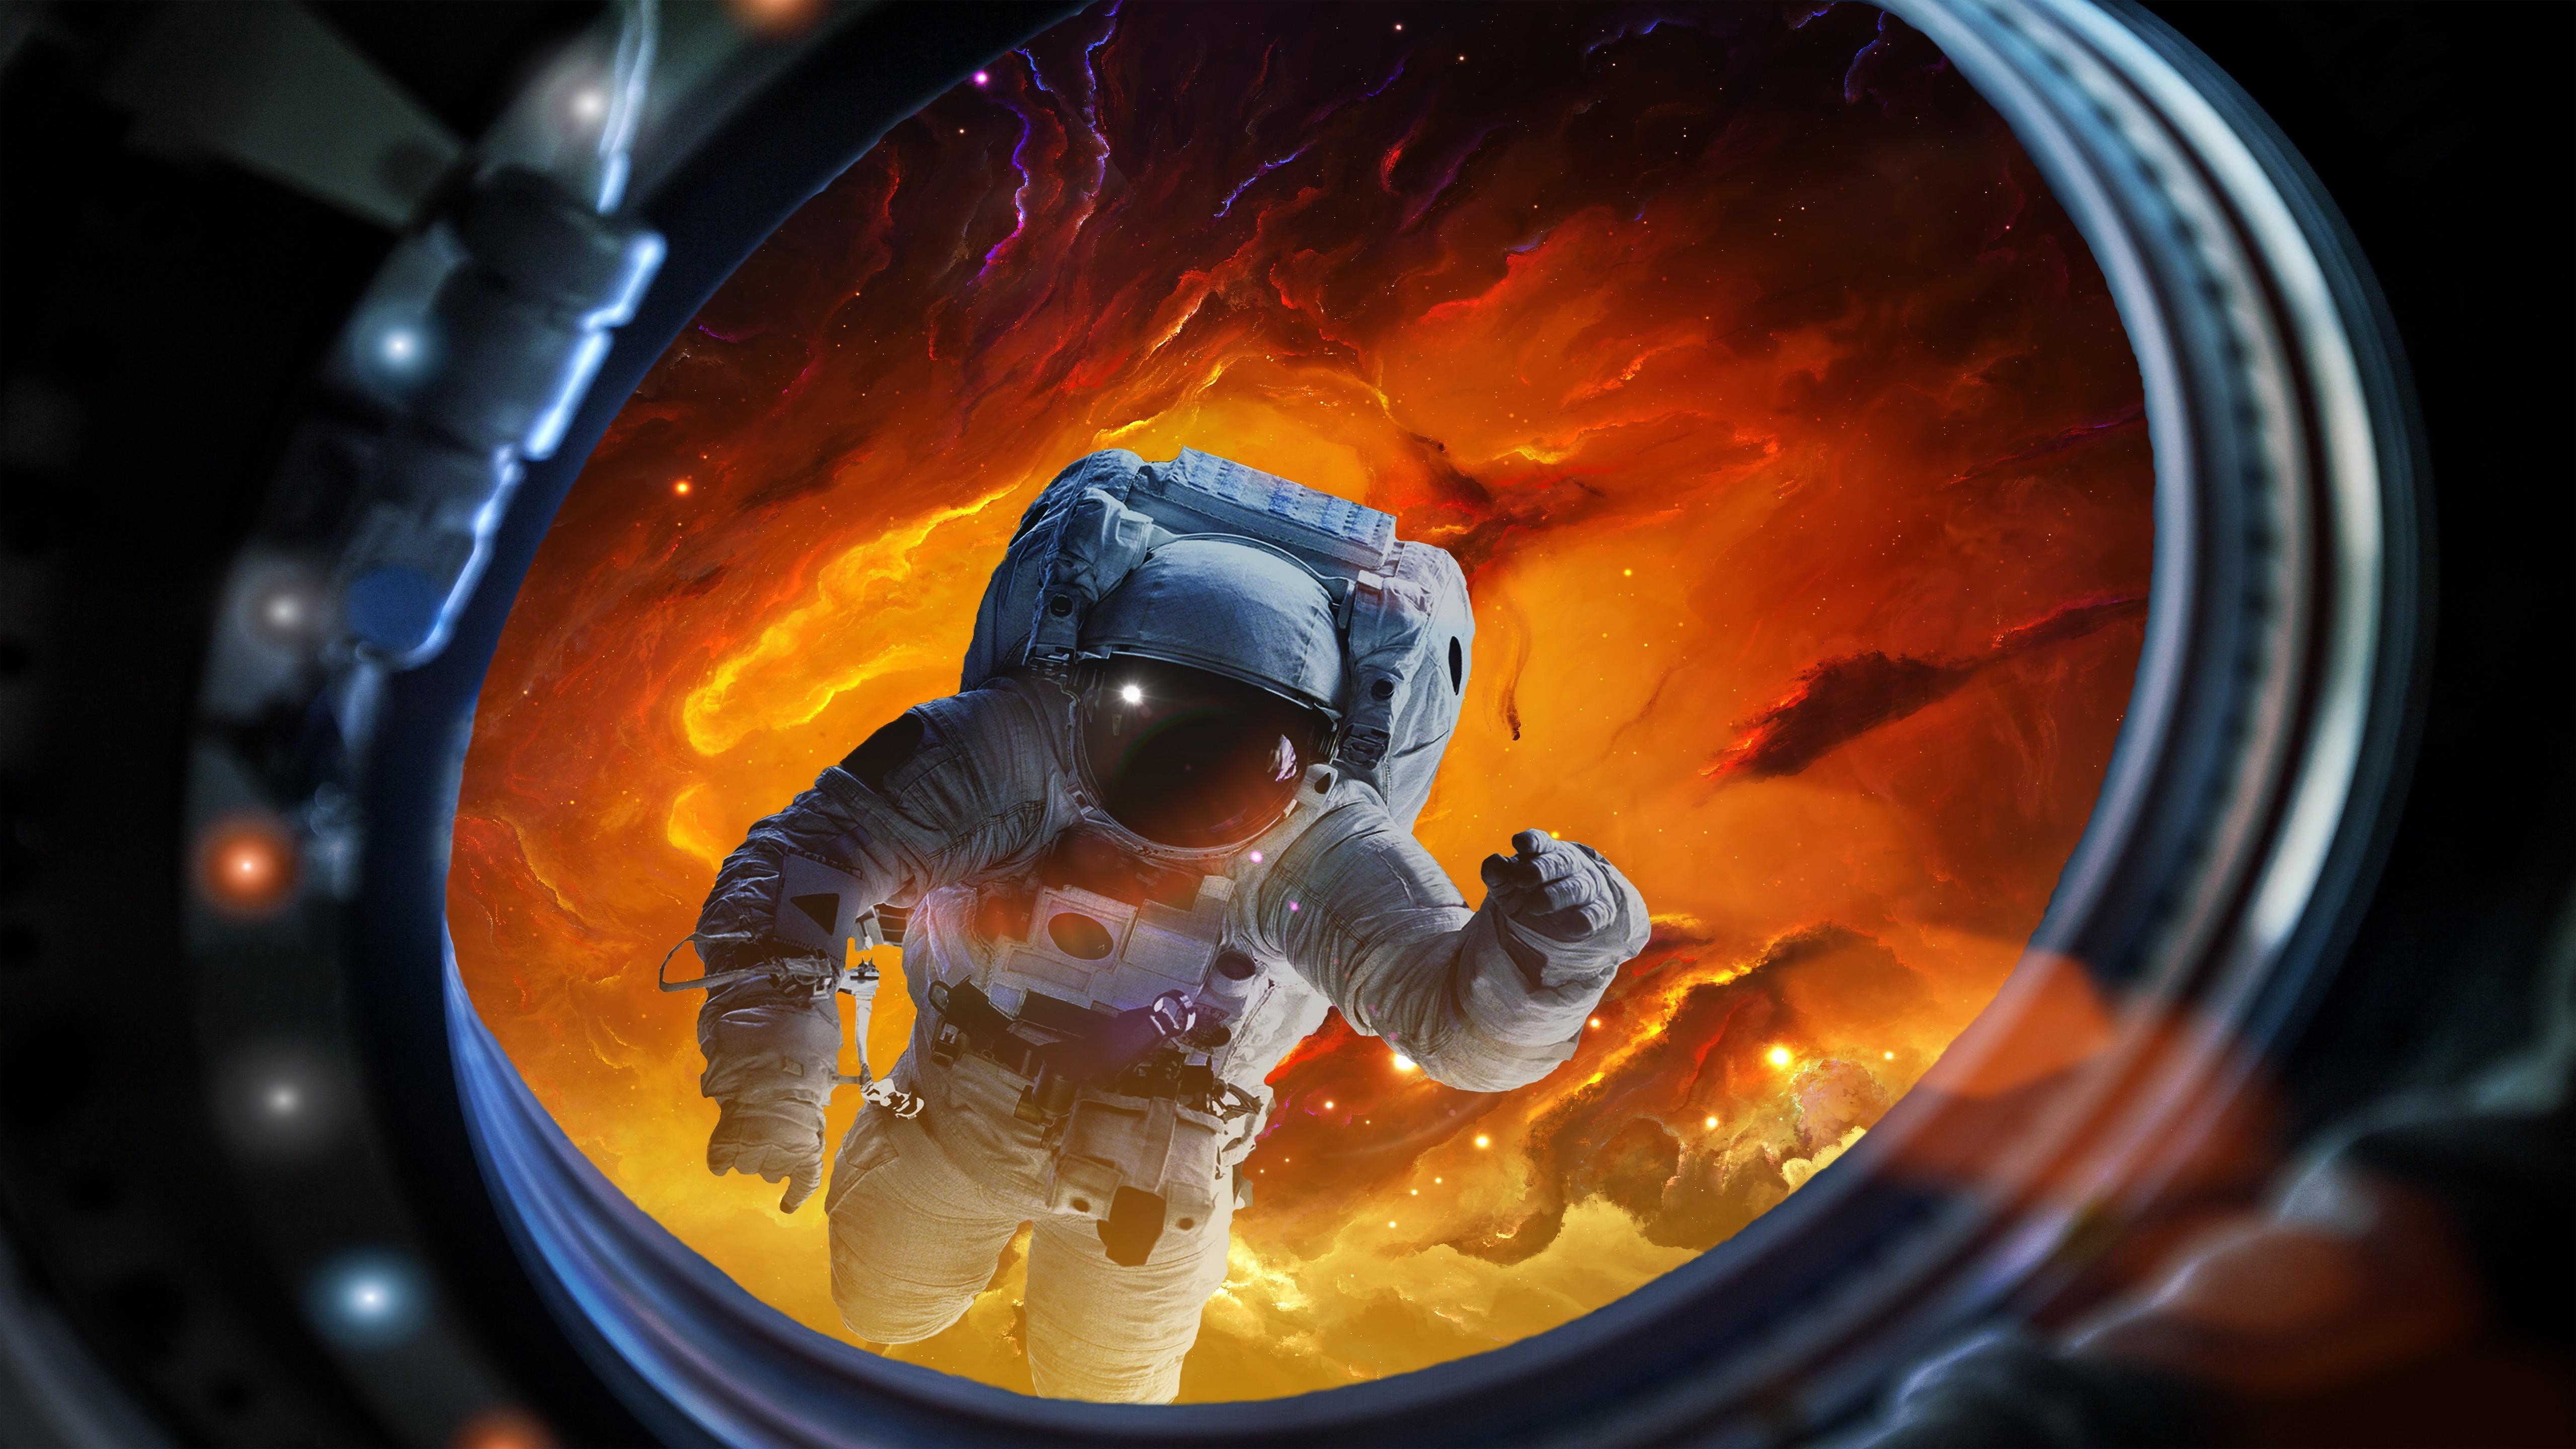 Astronaut in deep space wallpaper